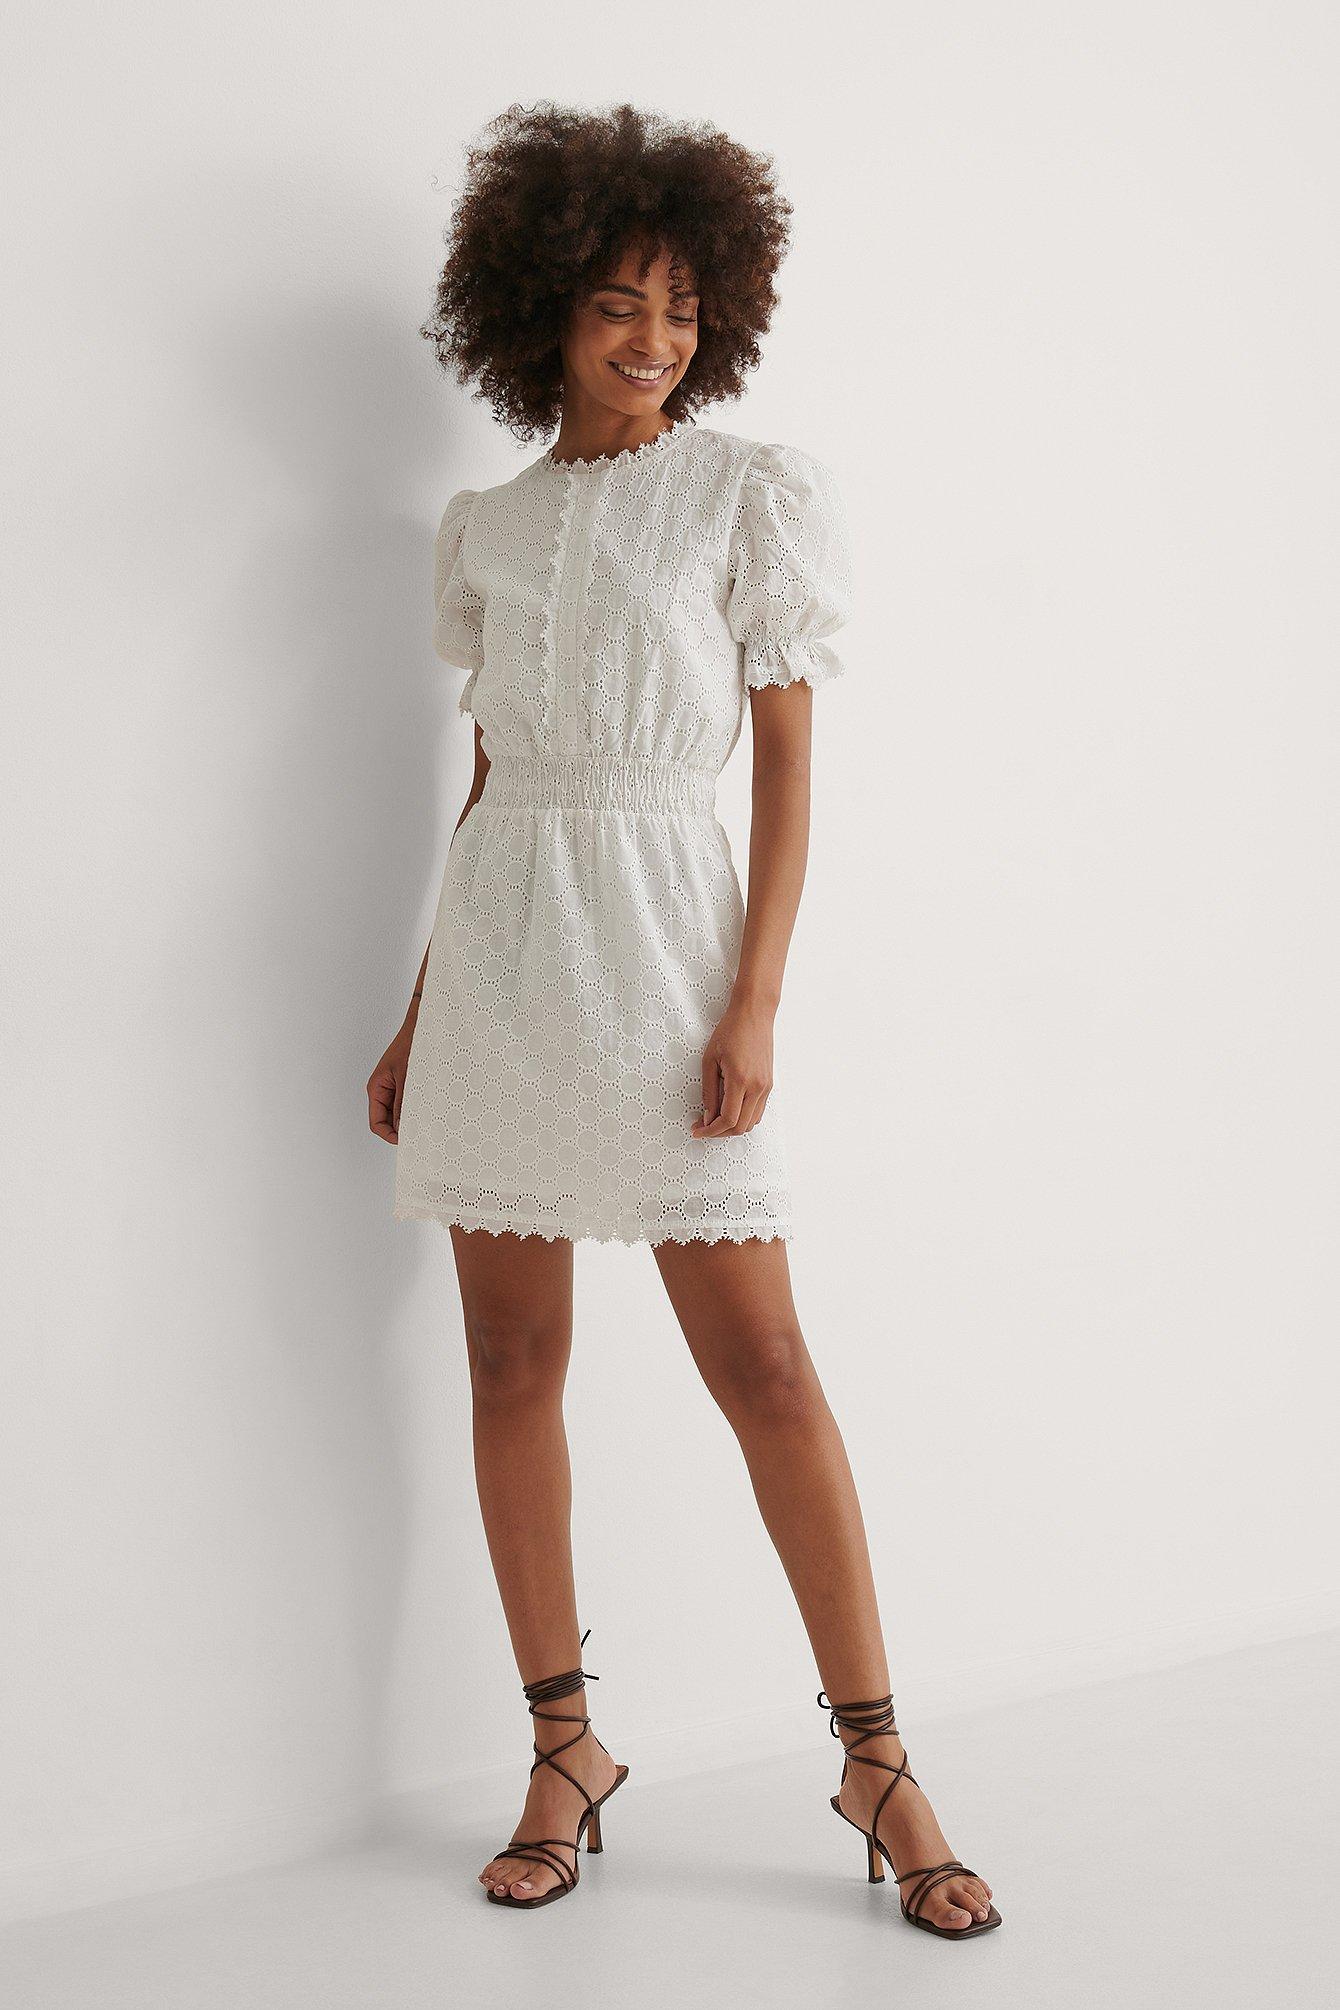 Curated Styles Miniklänning Med Smockdetalj - White